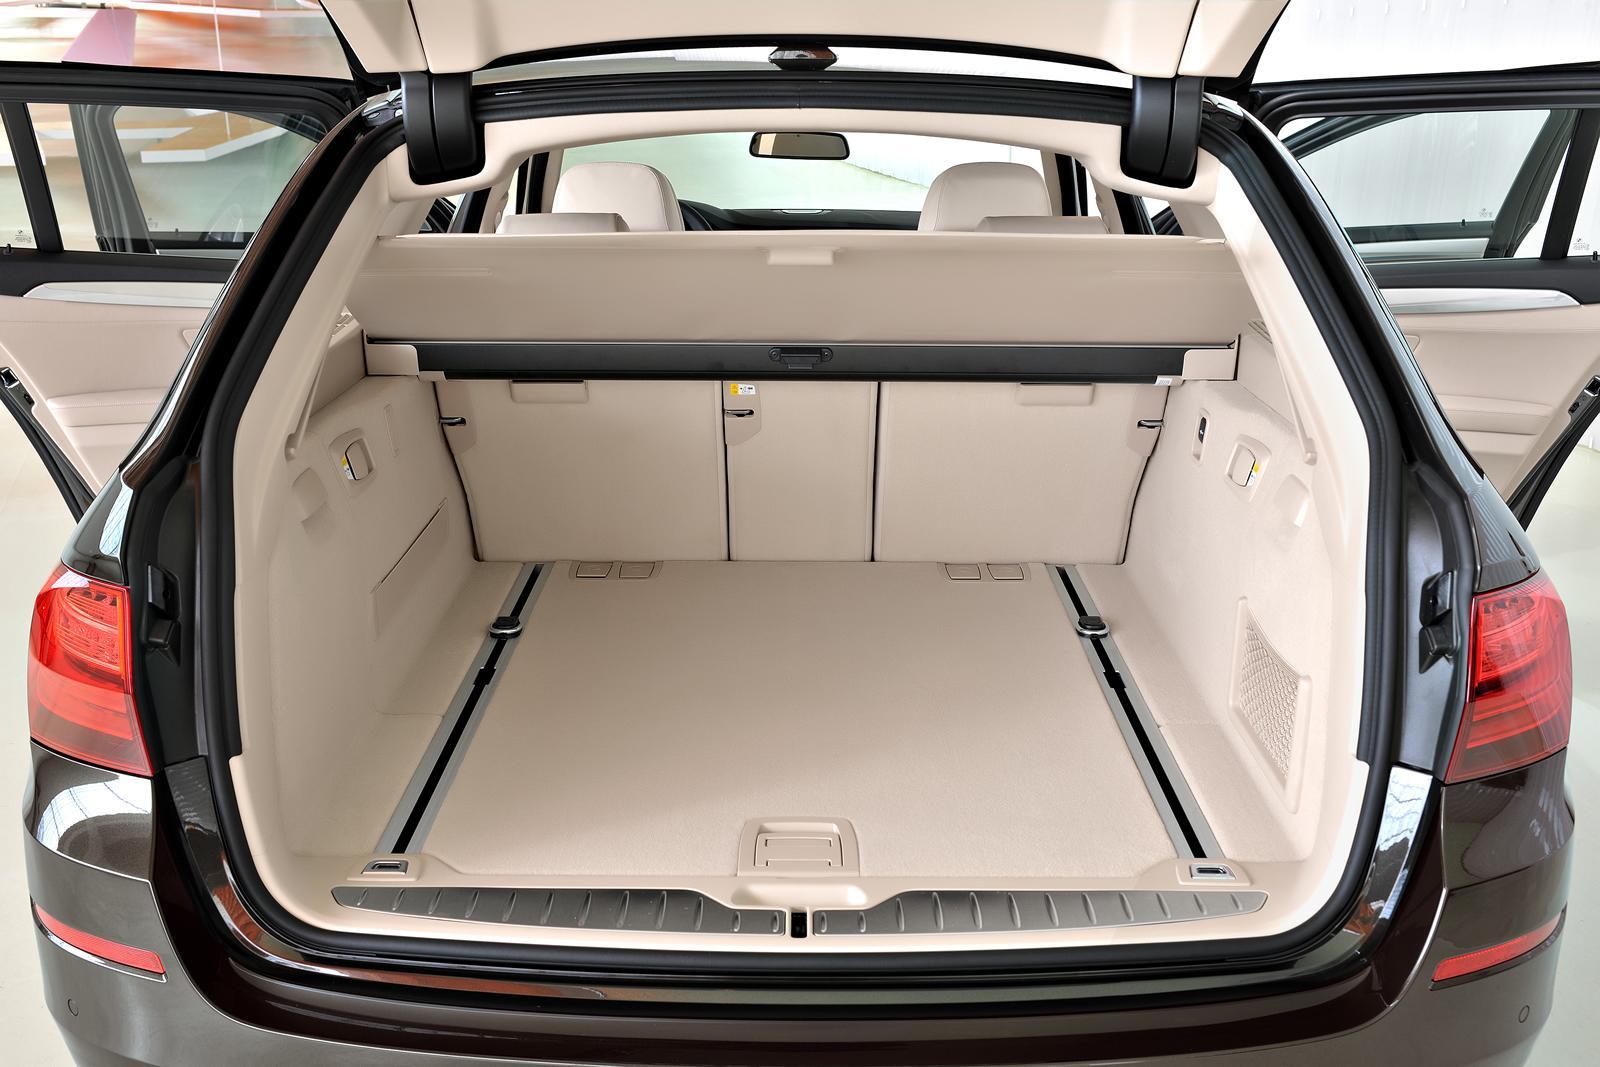 Bmw X5 Cargo Space >> 2014 BMW 5 Series revealed; styling tweaks, new trim levels | PerformanceDrive